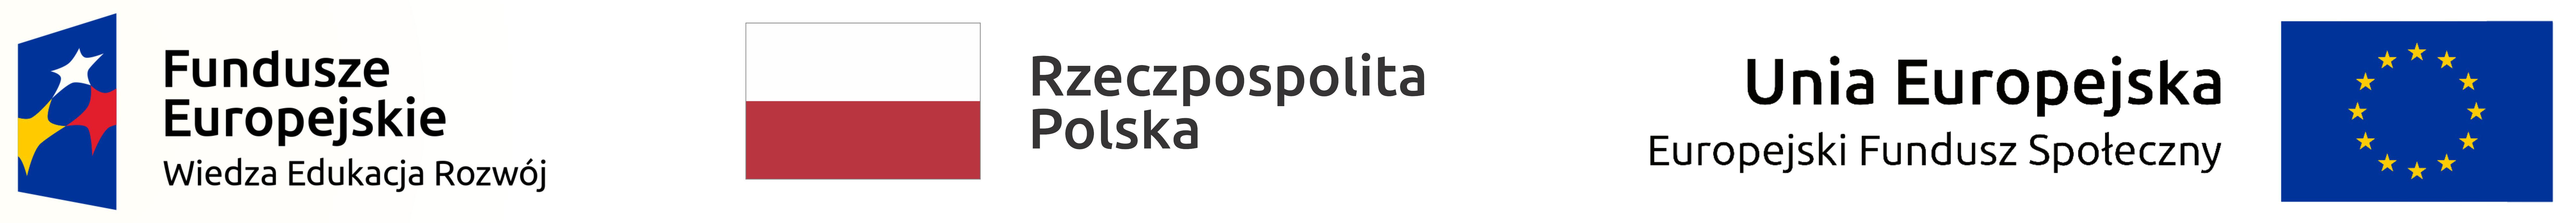 Logotypy - Fundusze Europejskie Wiedza Edukacja Rozwój, Rzeczpospolita Polska, Unia Europejska Europejski Fundusz Społeczny